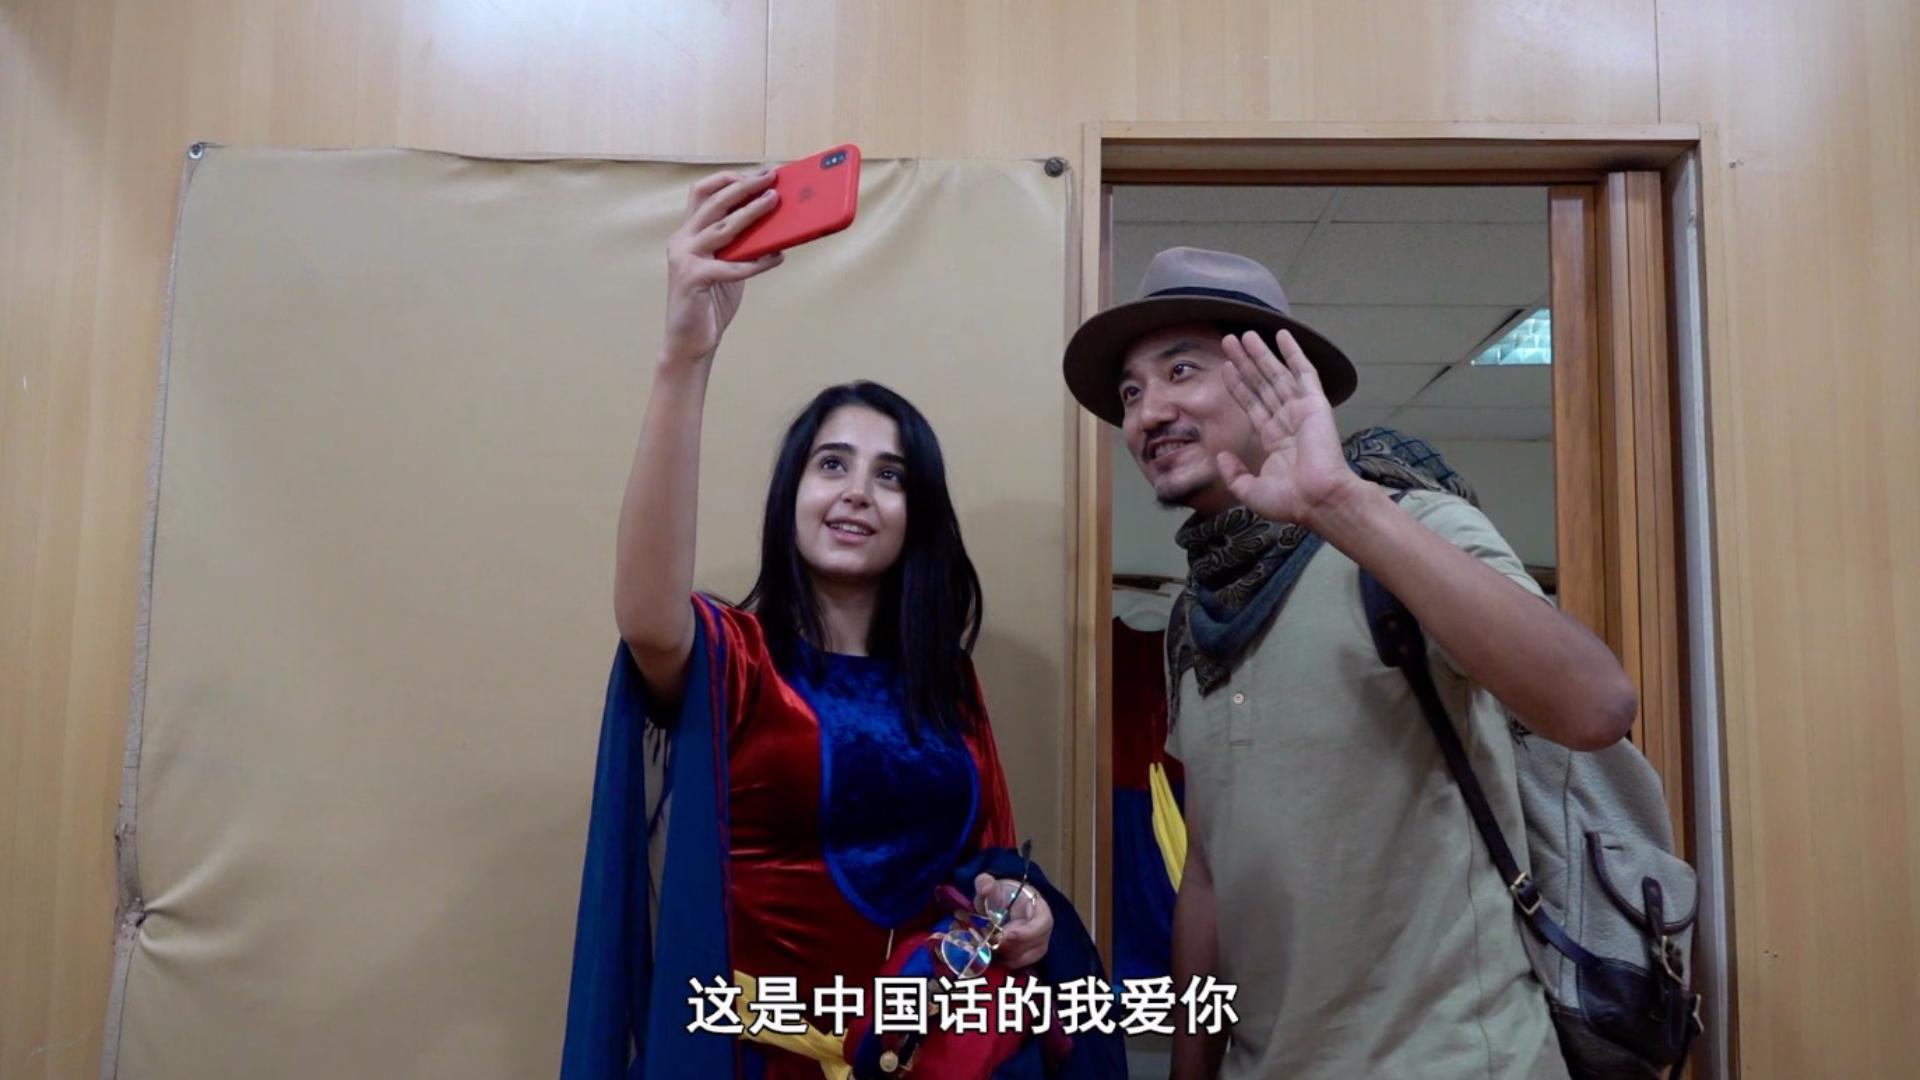 雷探长来到黎巴嫩大学舞团,女孩排队求合影:请用中文说我爱你